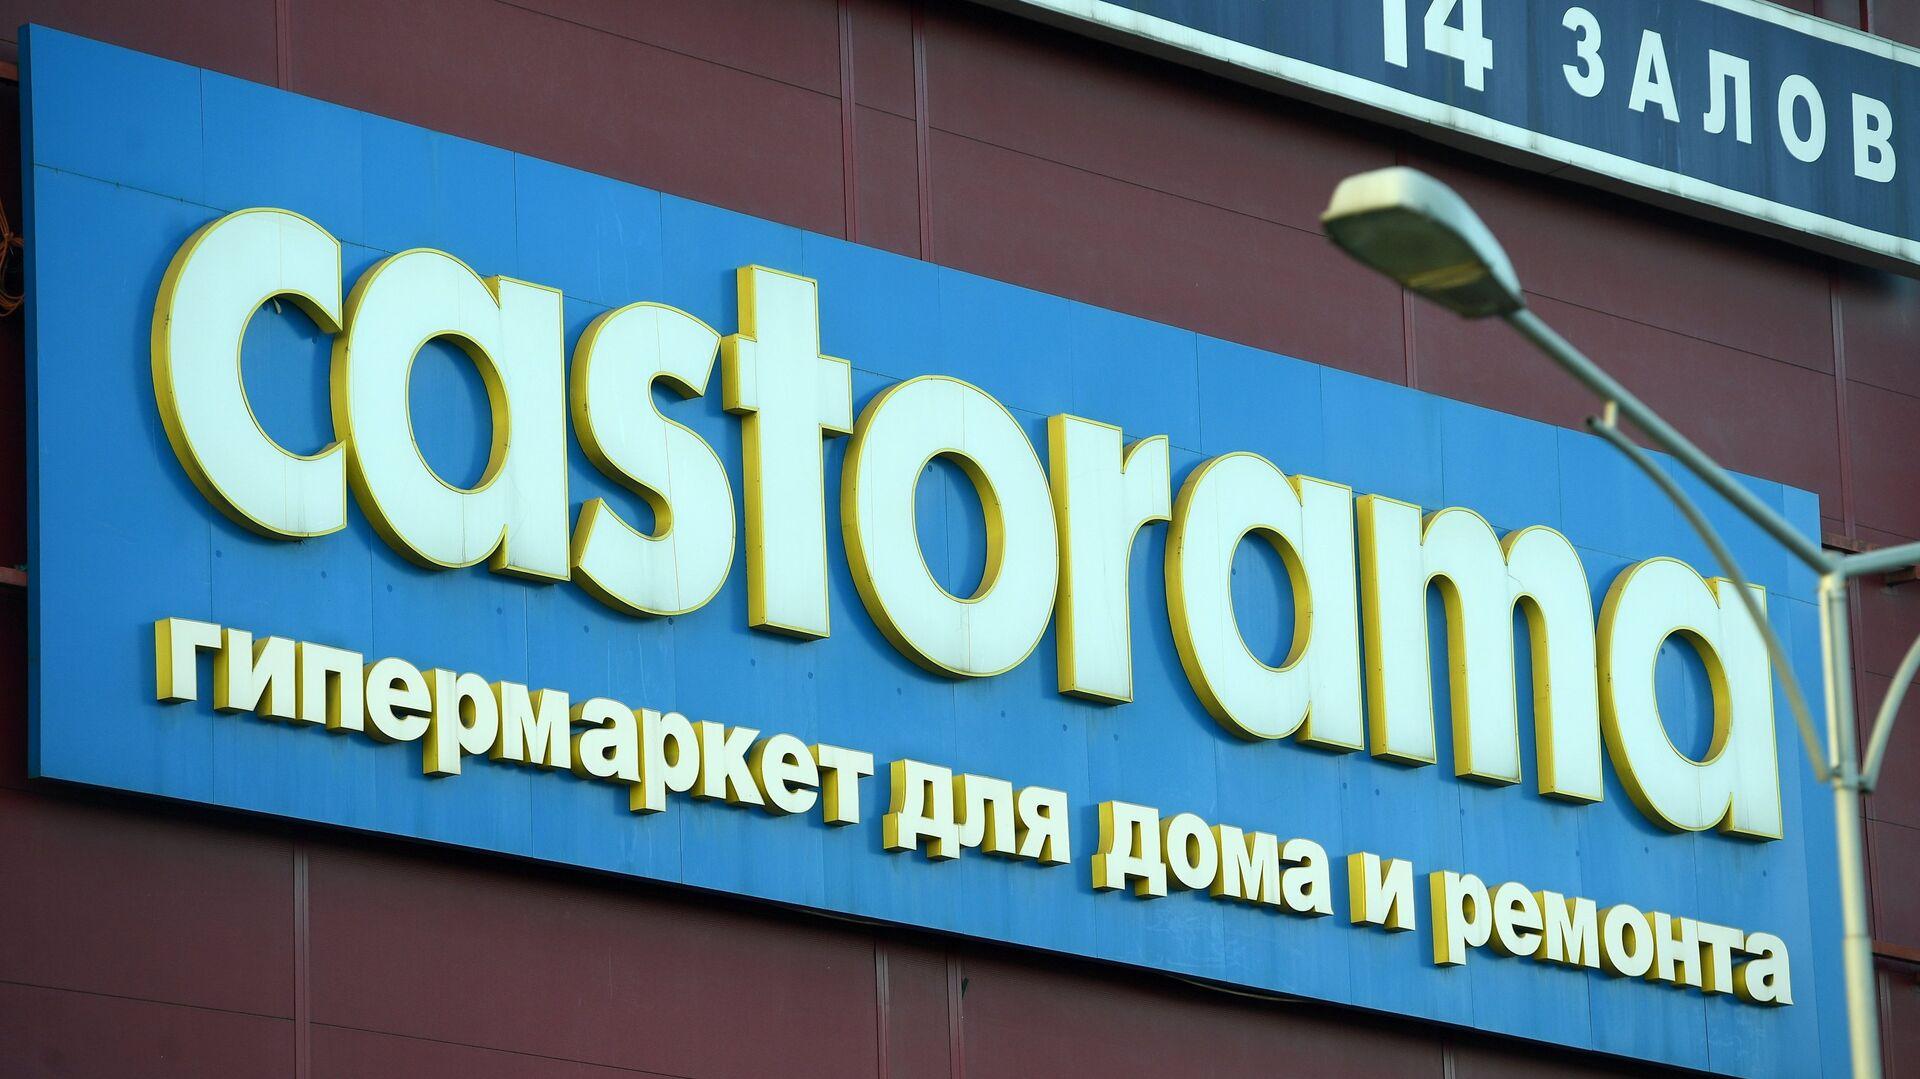 Вывеска гипермаркета Castorama - РИА Новости, 1920, 01.10.2020